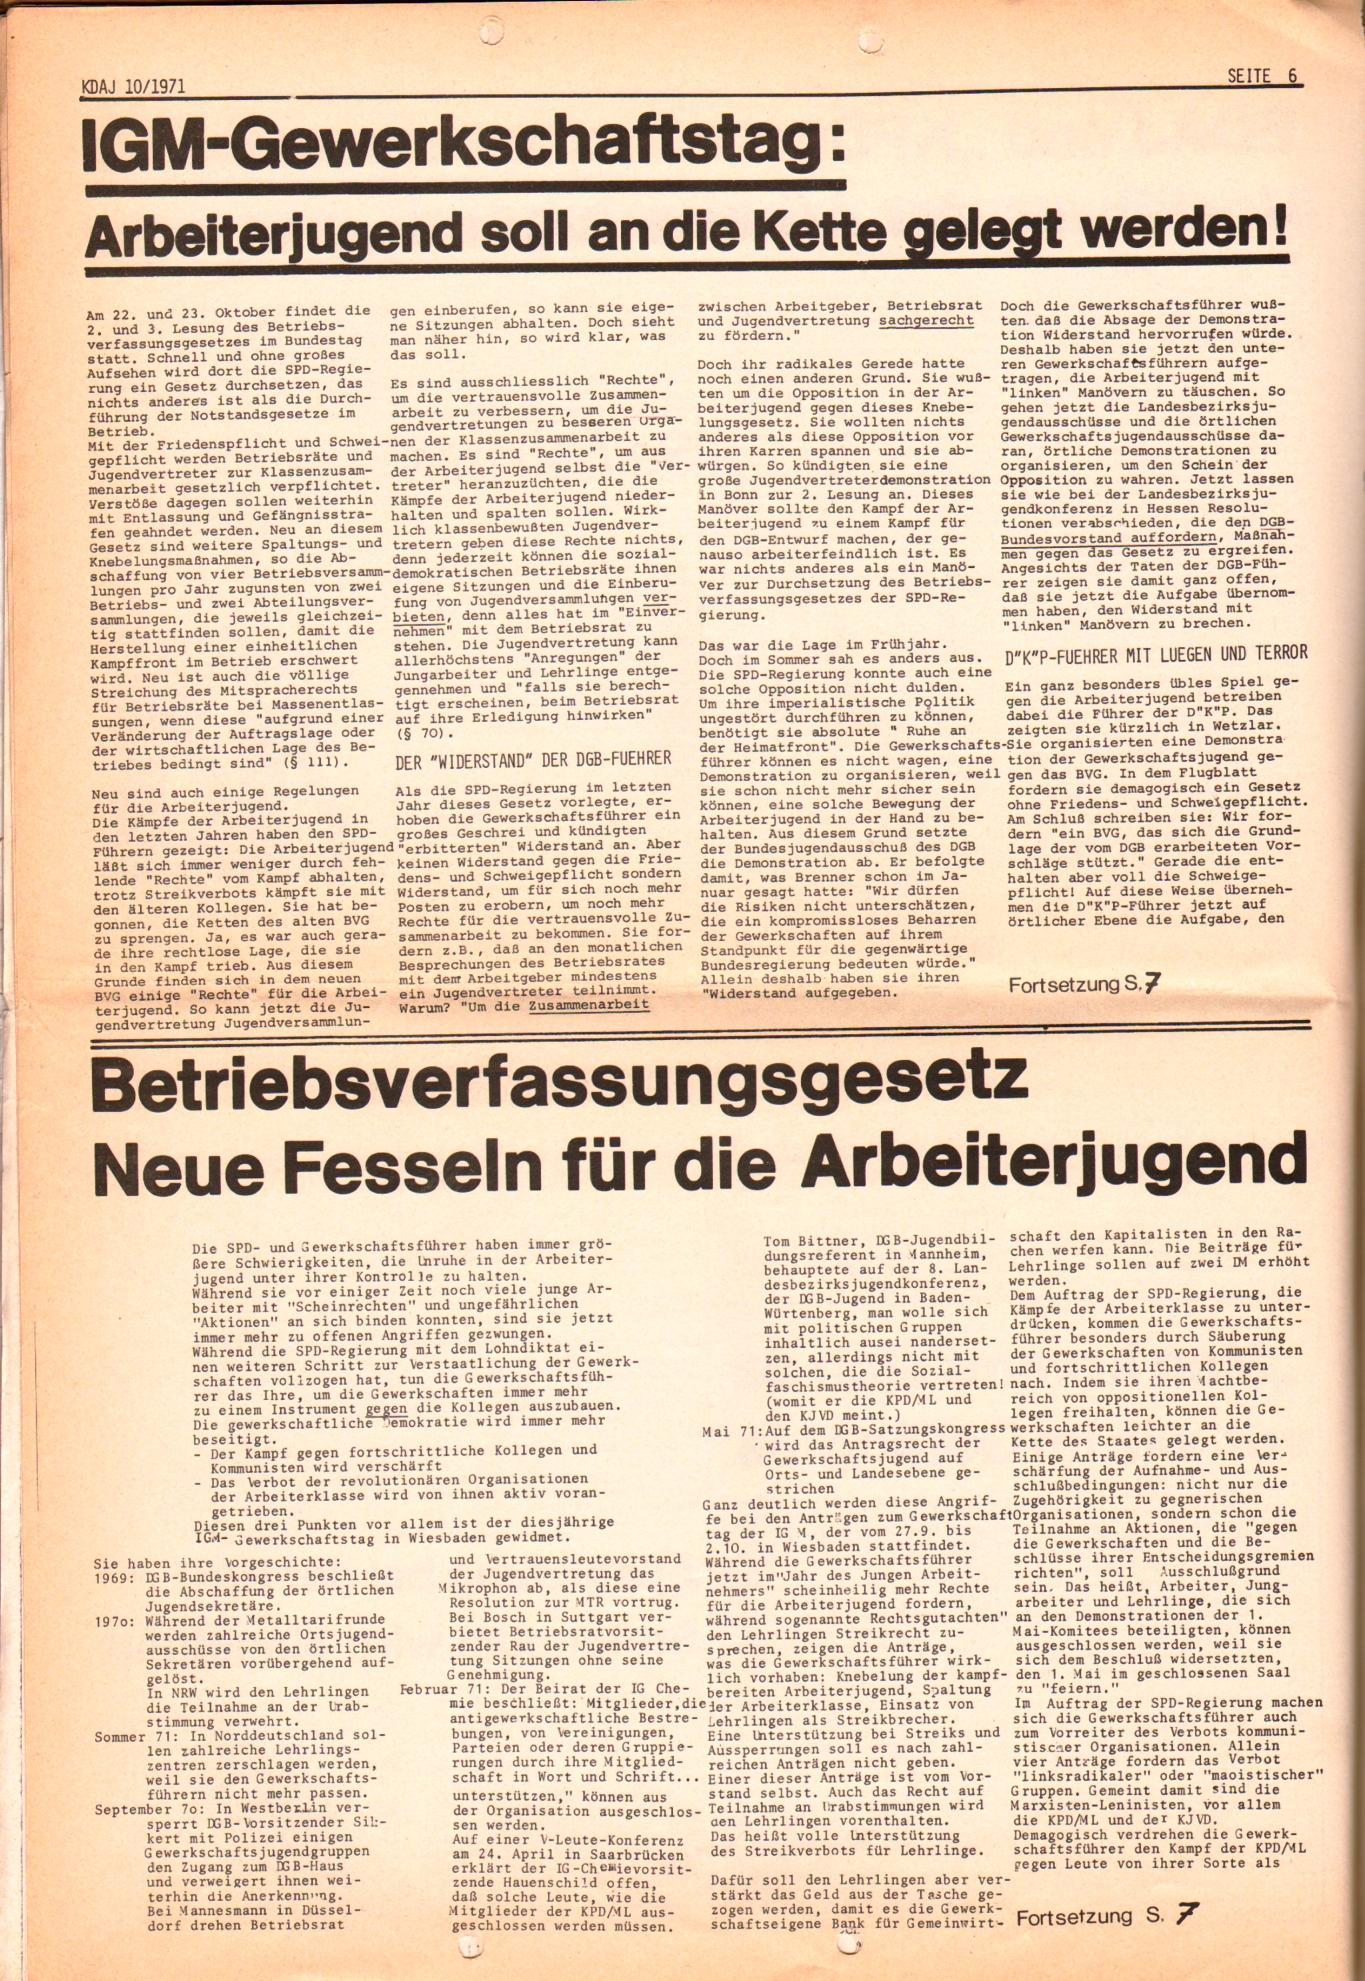 KDAJ, 2. Jg., Oktober 1971, Nr. 10, Seite 6